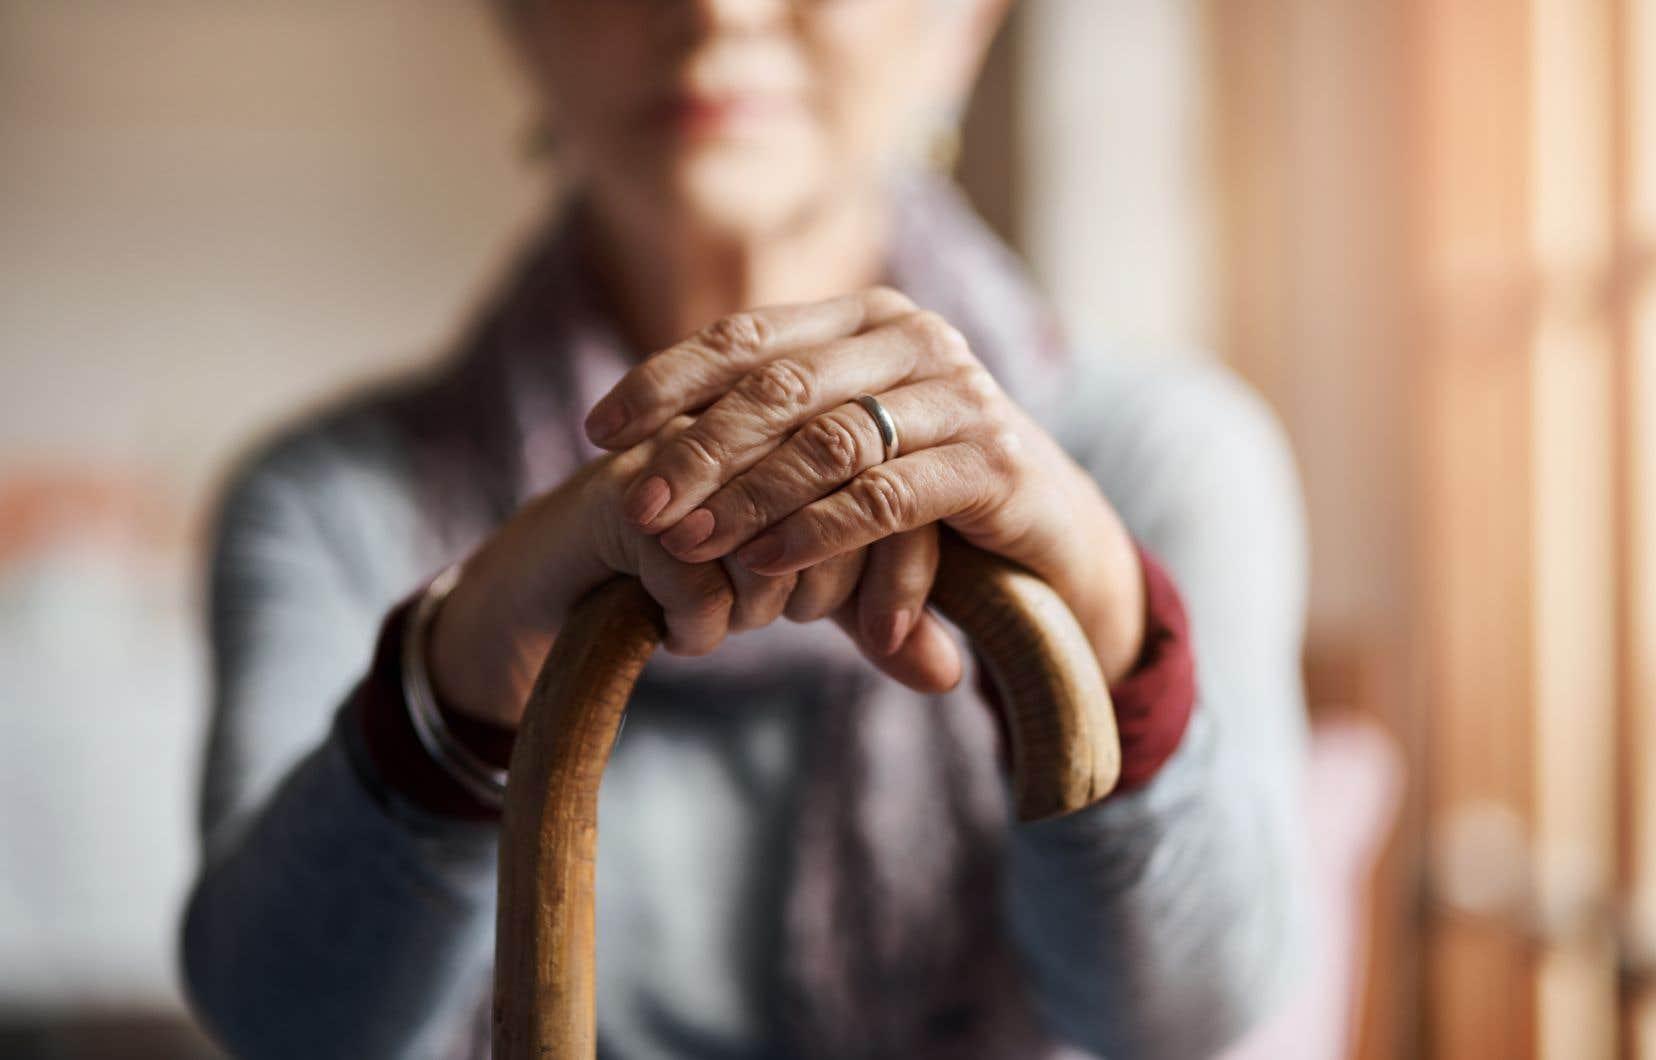 Beaucoup de personnes à faible revenu n'auront rien, comme la moitié des personnes âgées vivant seules, surtout des femmes.